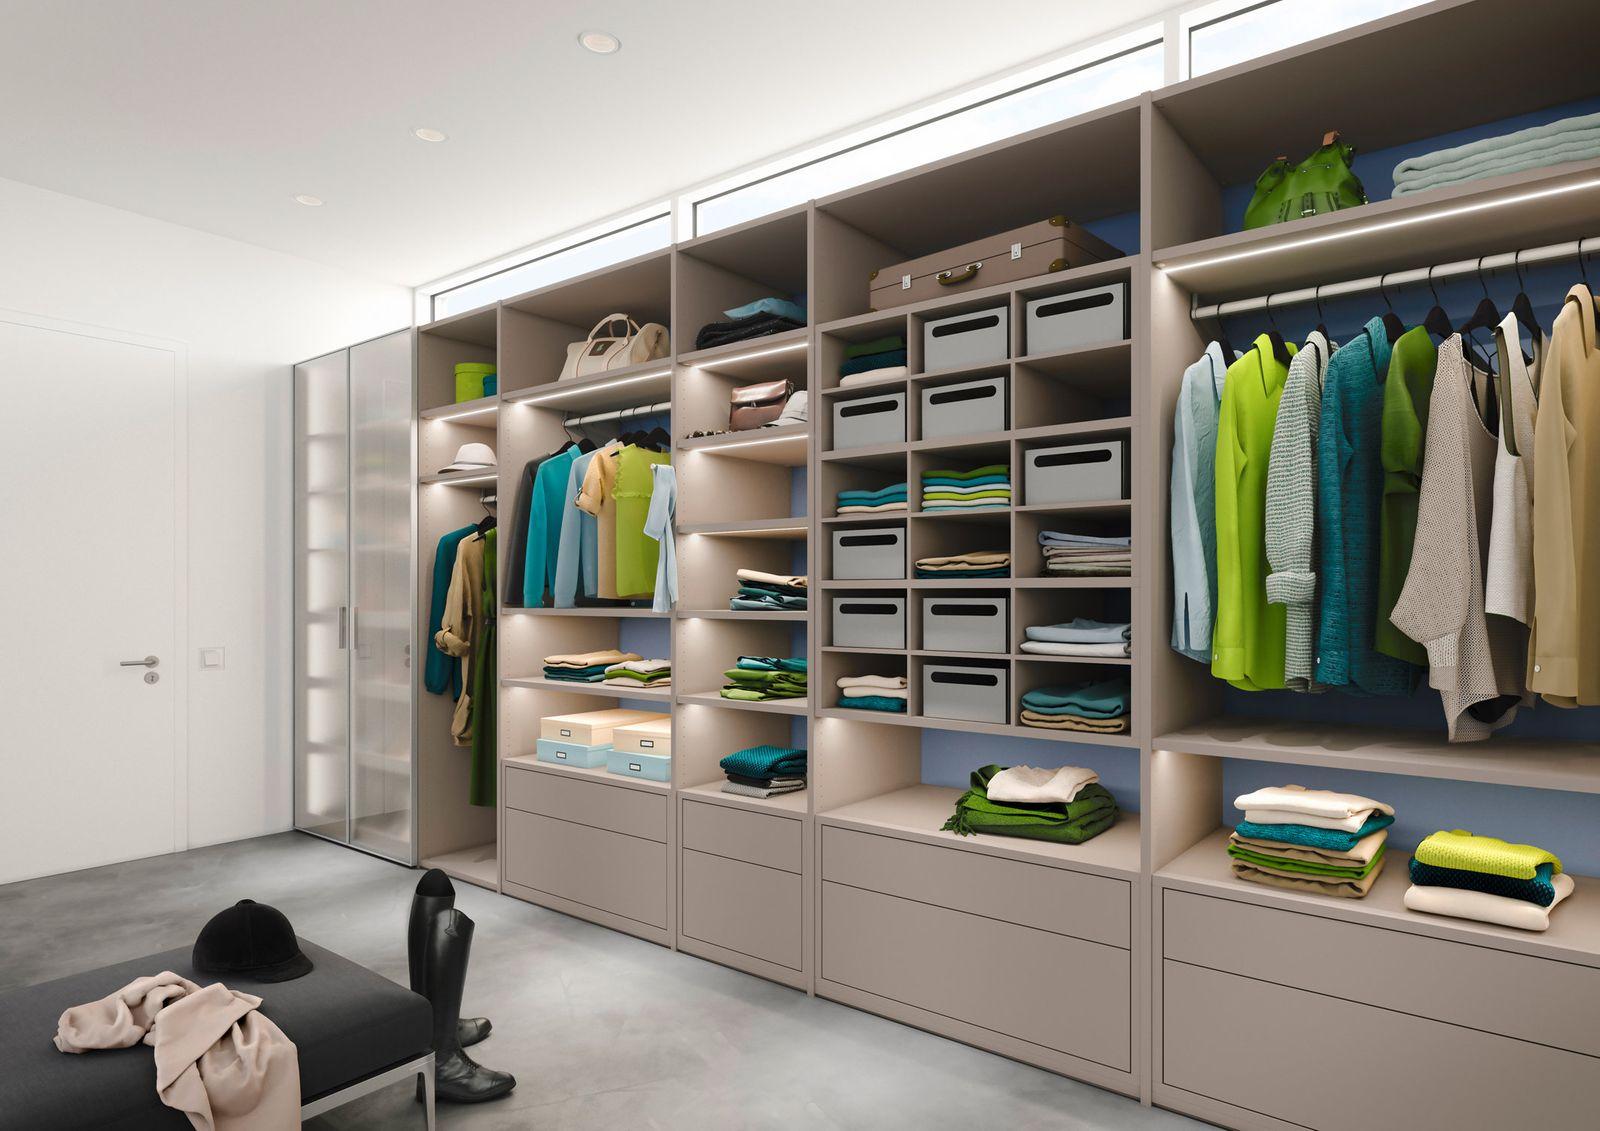 EINMALIGE VERWENDUNG Ausräumen und Stapel messen: Den perfektenKleiderschrank bauen